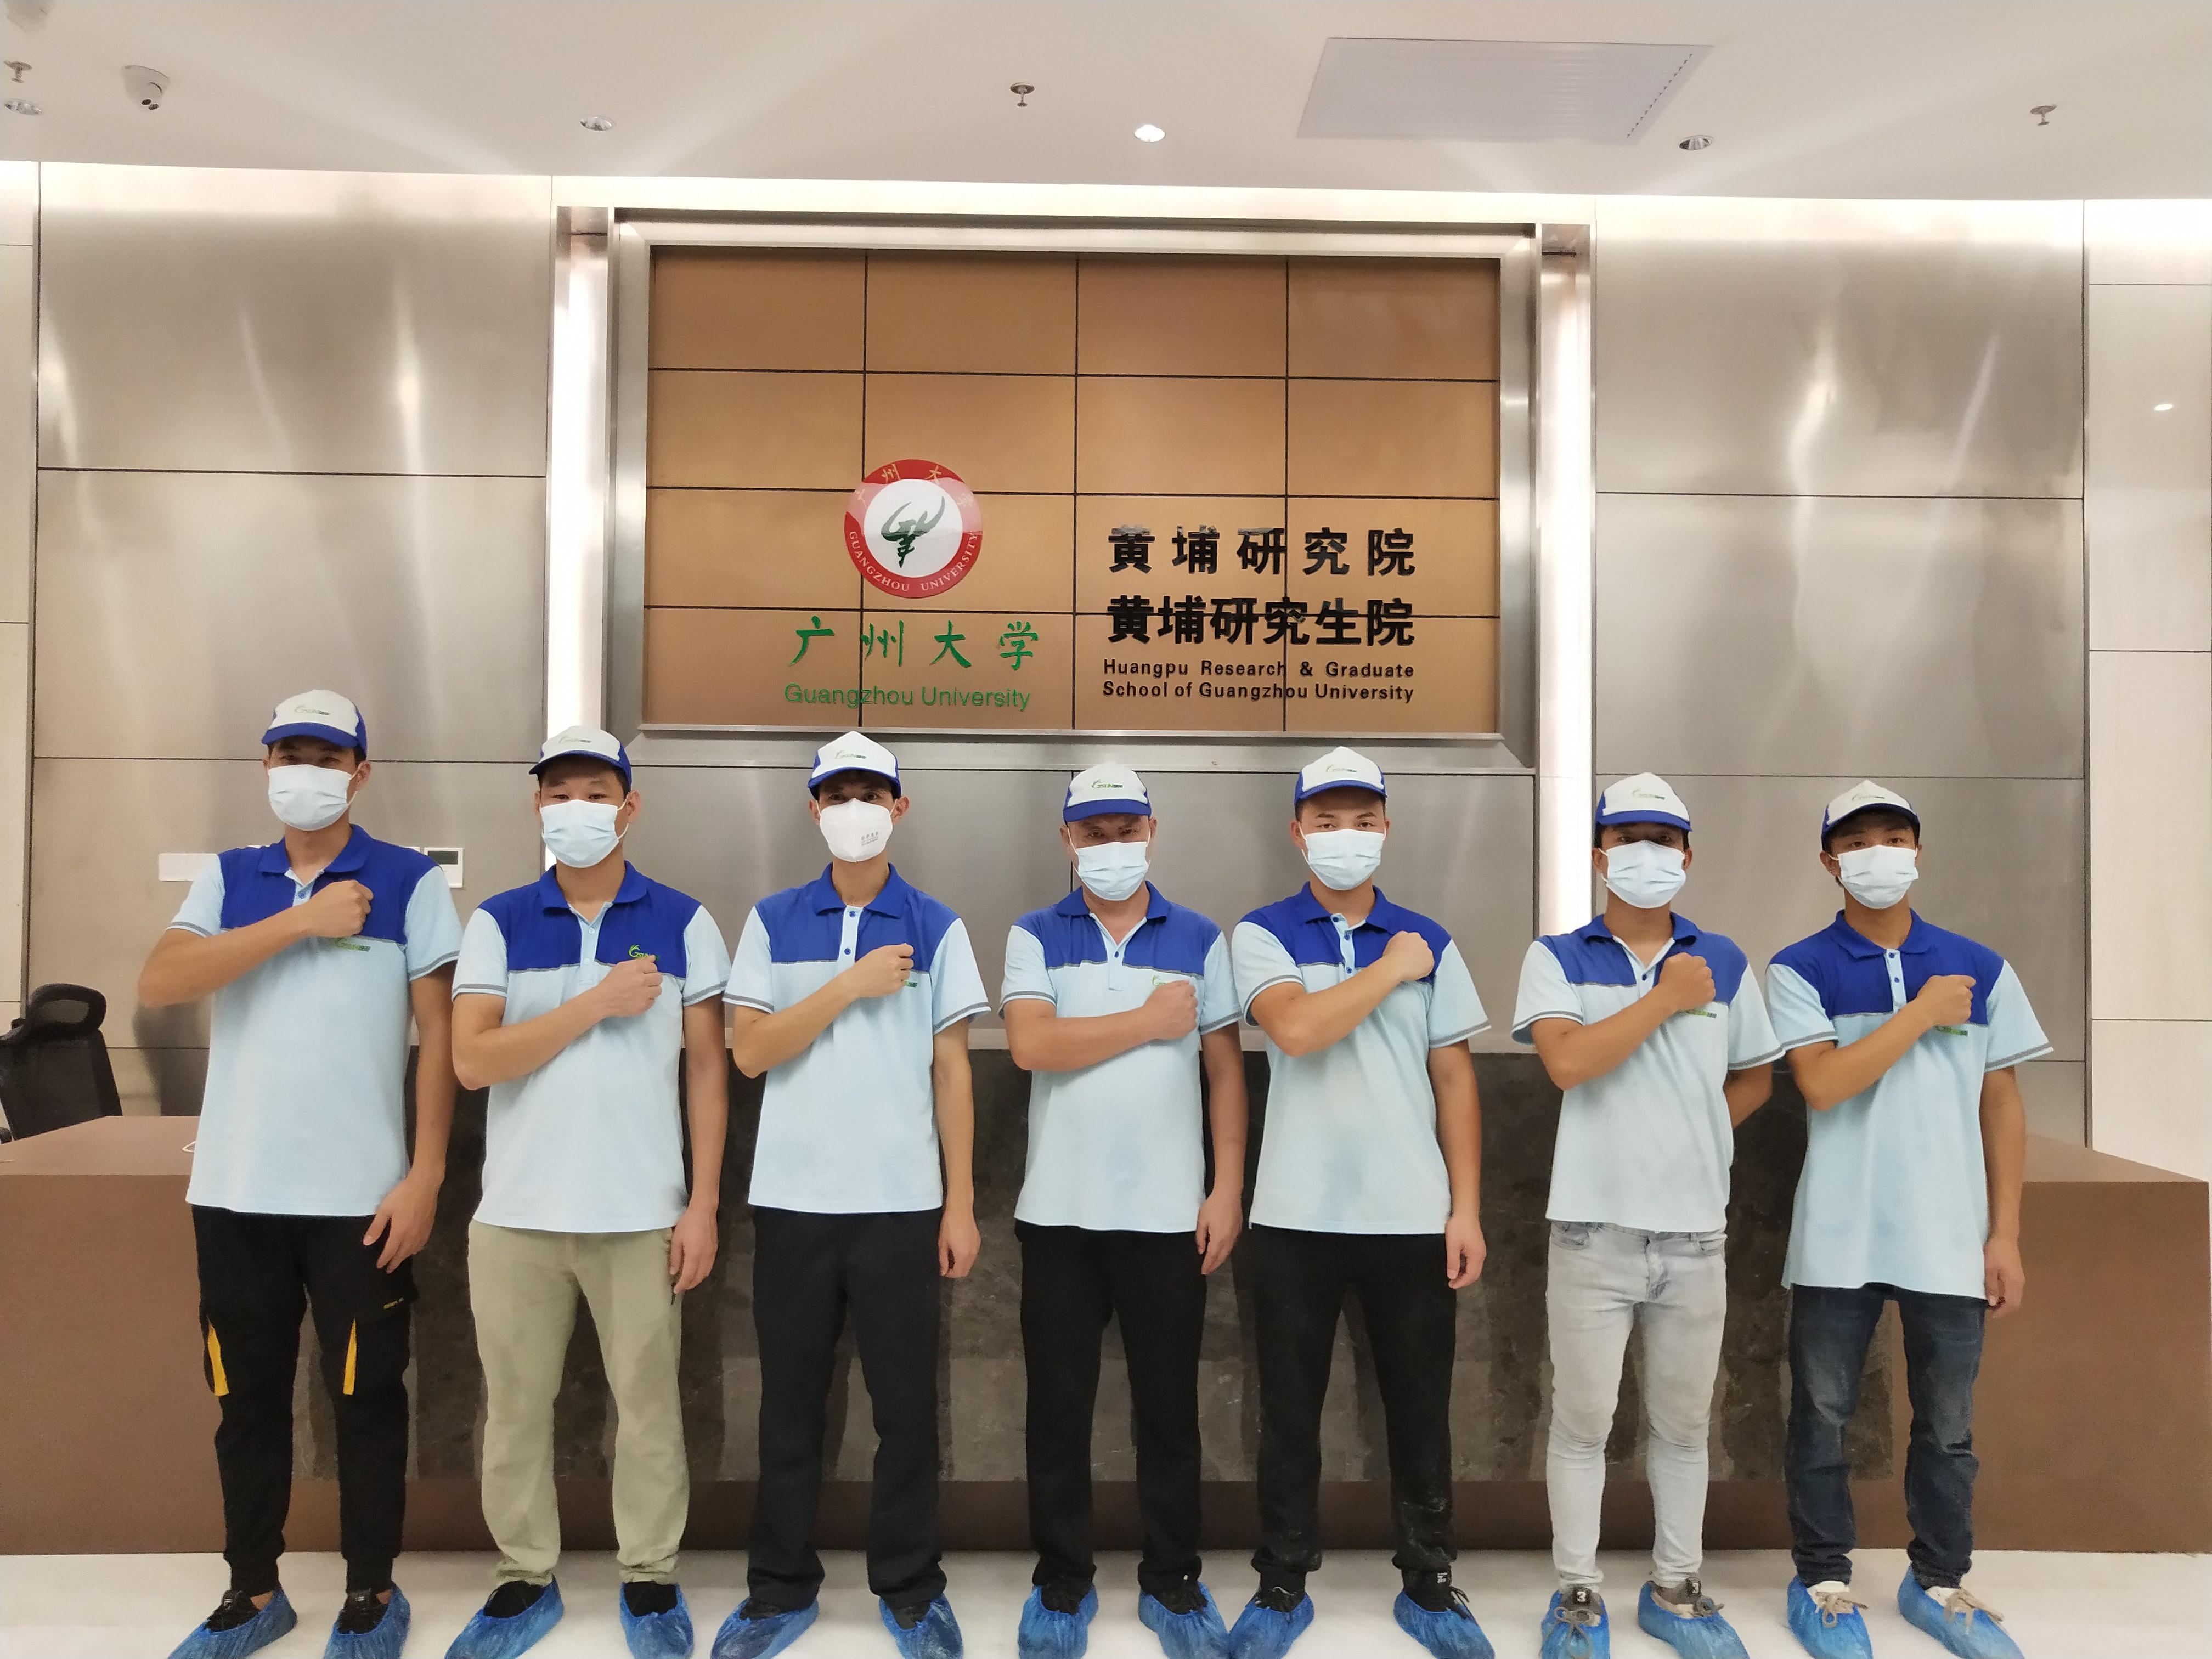 廣州大學黃埔區研究生院20000方空氣淨化服務